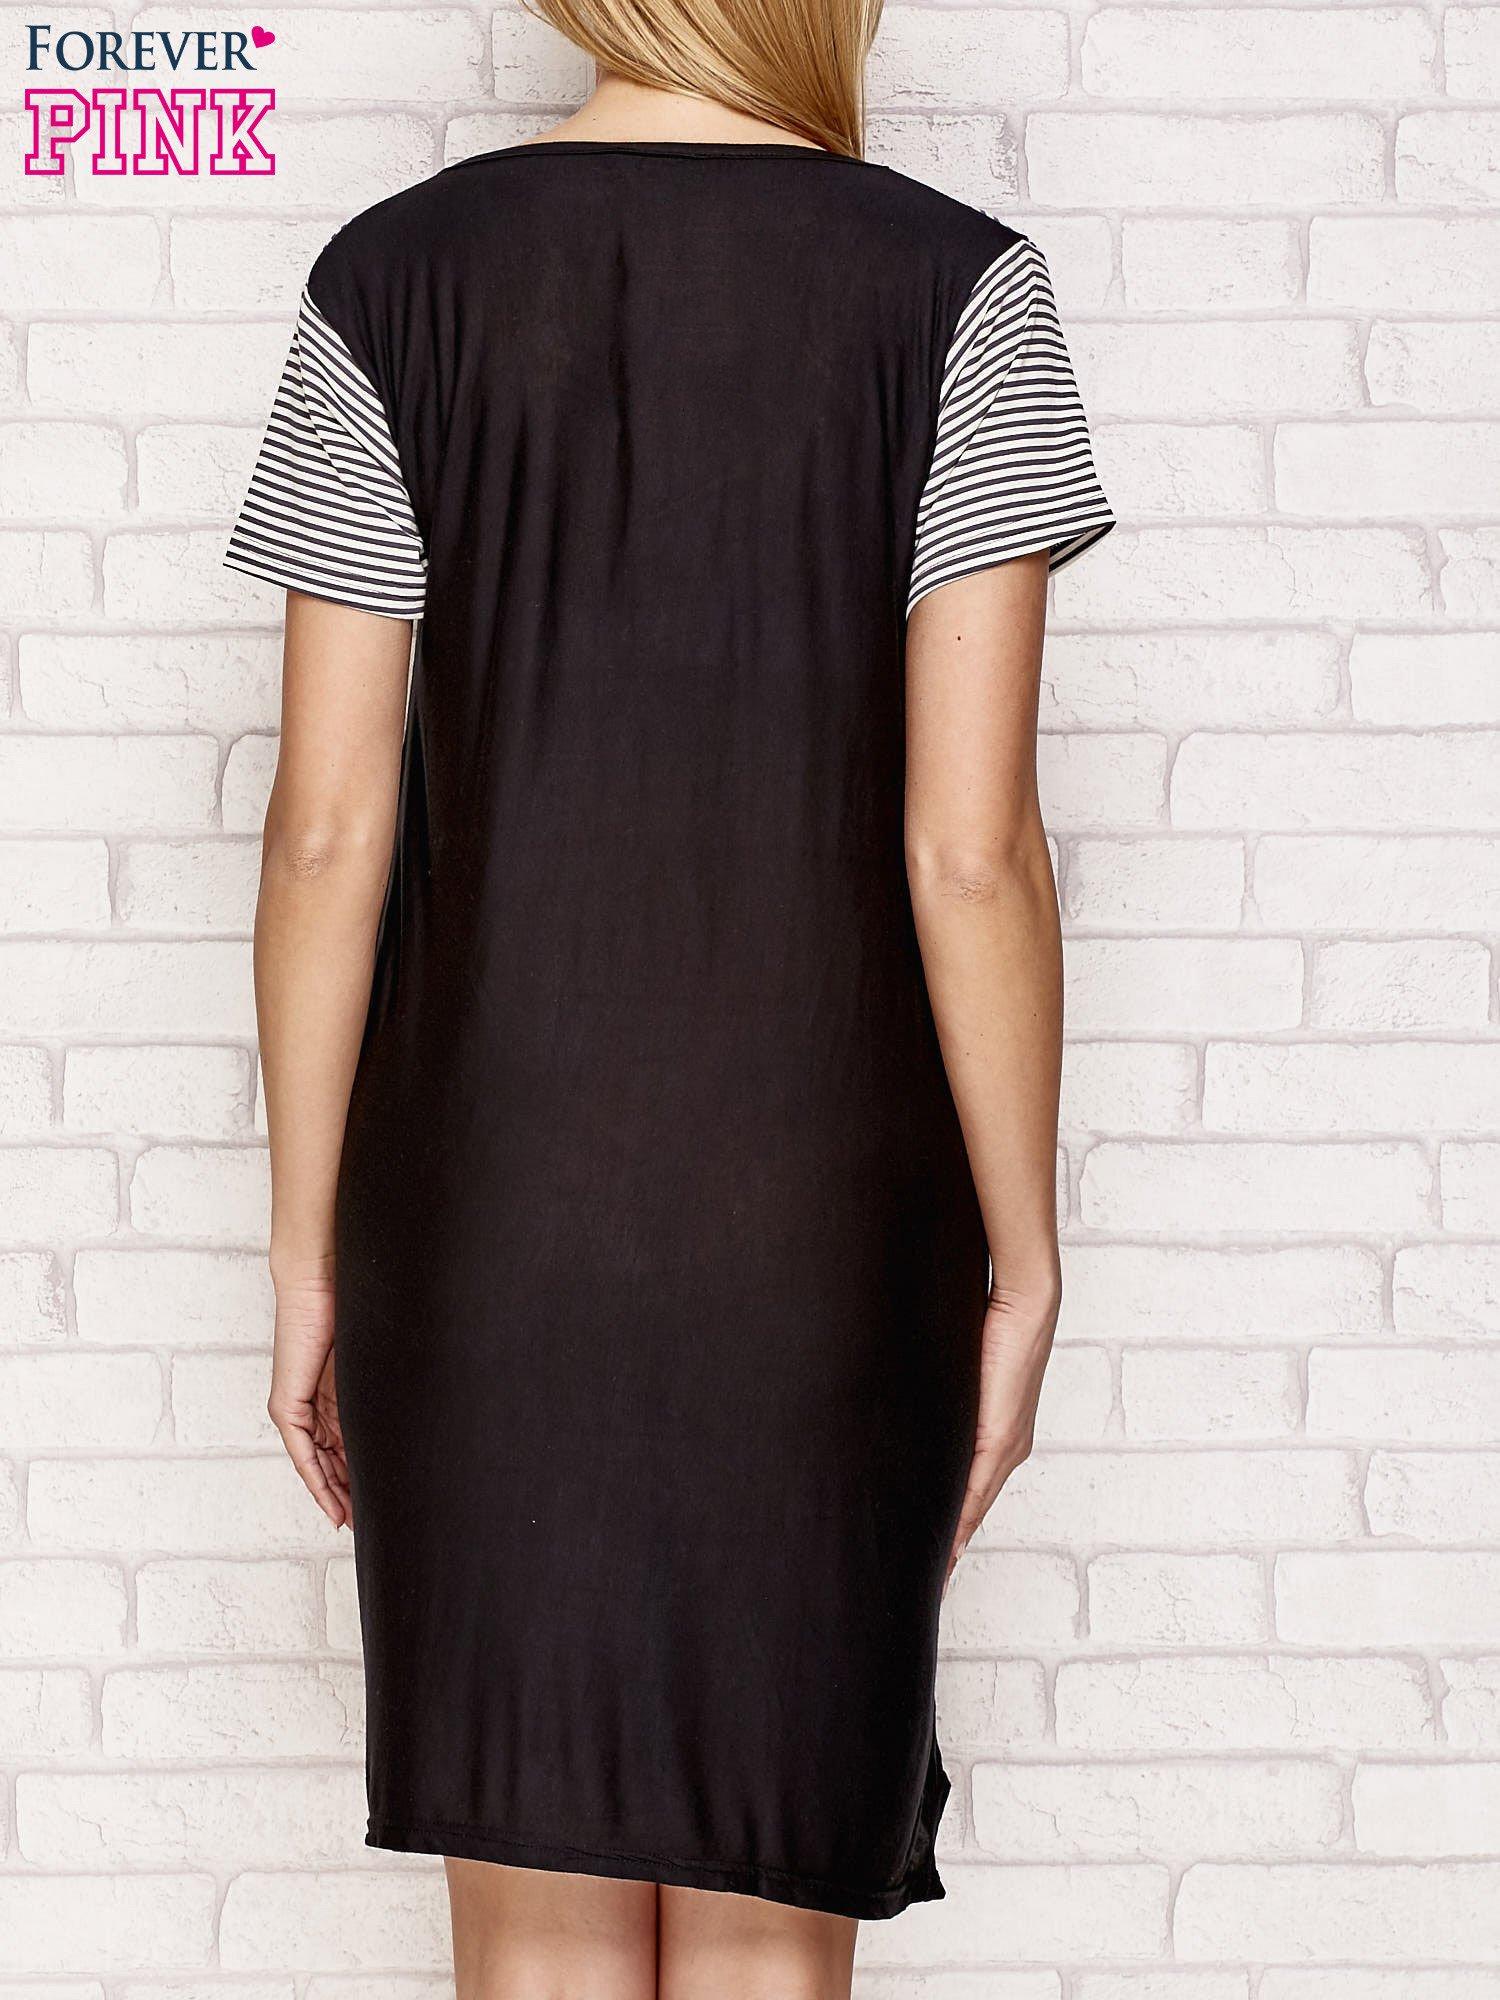 Czarna sukienka z wstawkami w paski                                  zdj.                                  2